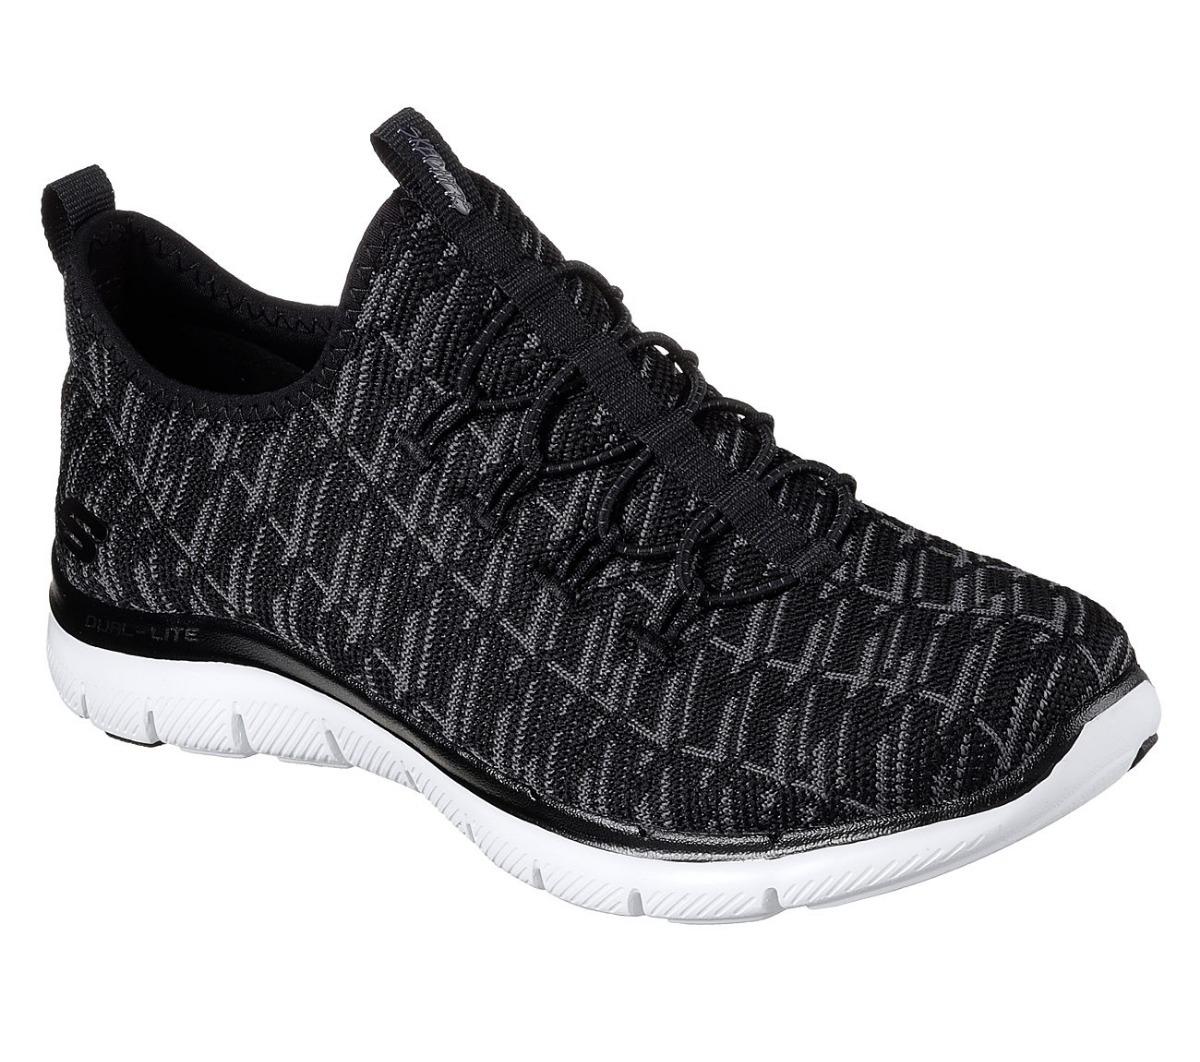 Skechers Flex Appeal 2.0-Insights, Zapatillas sin Cordones para Mujer, Negro (Black), 38.5 EU